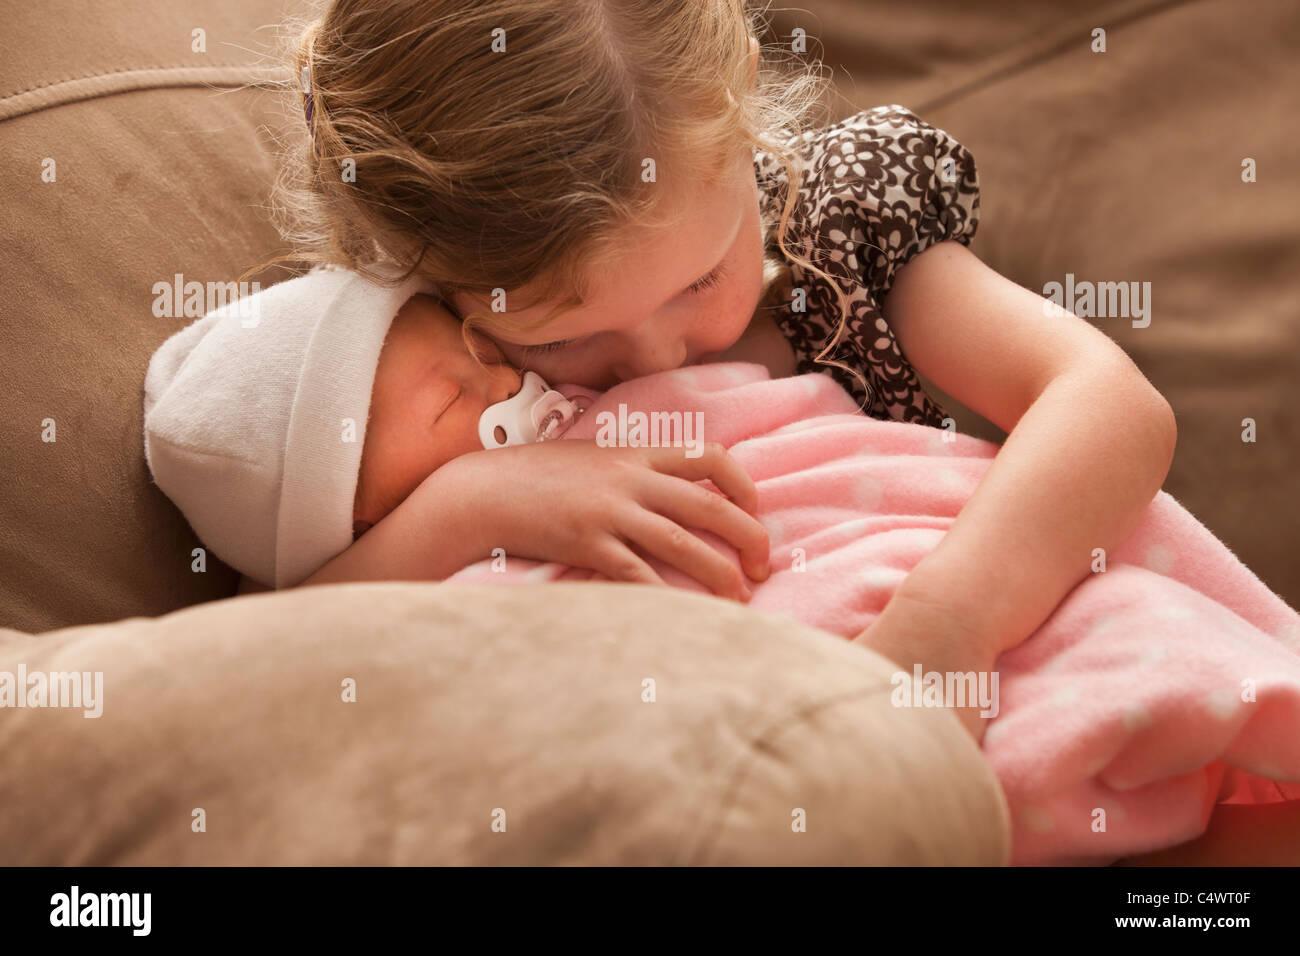 Stati Uniti d'America,Utah,Lehi,ragazza (2-3) abbracciando la sorella del bambino sul divano Immagini Stock